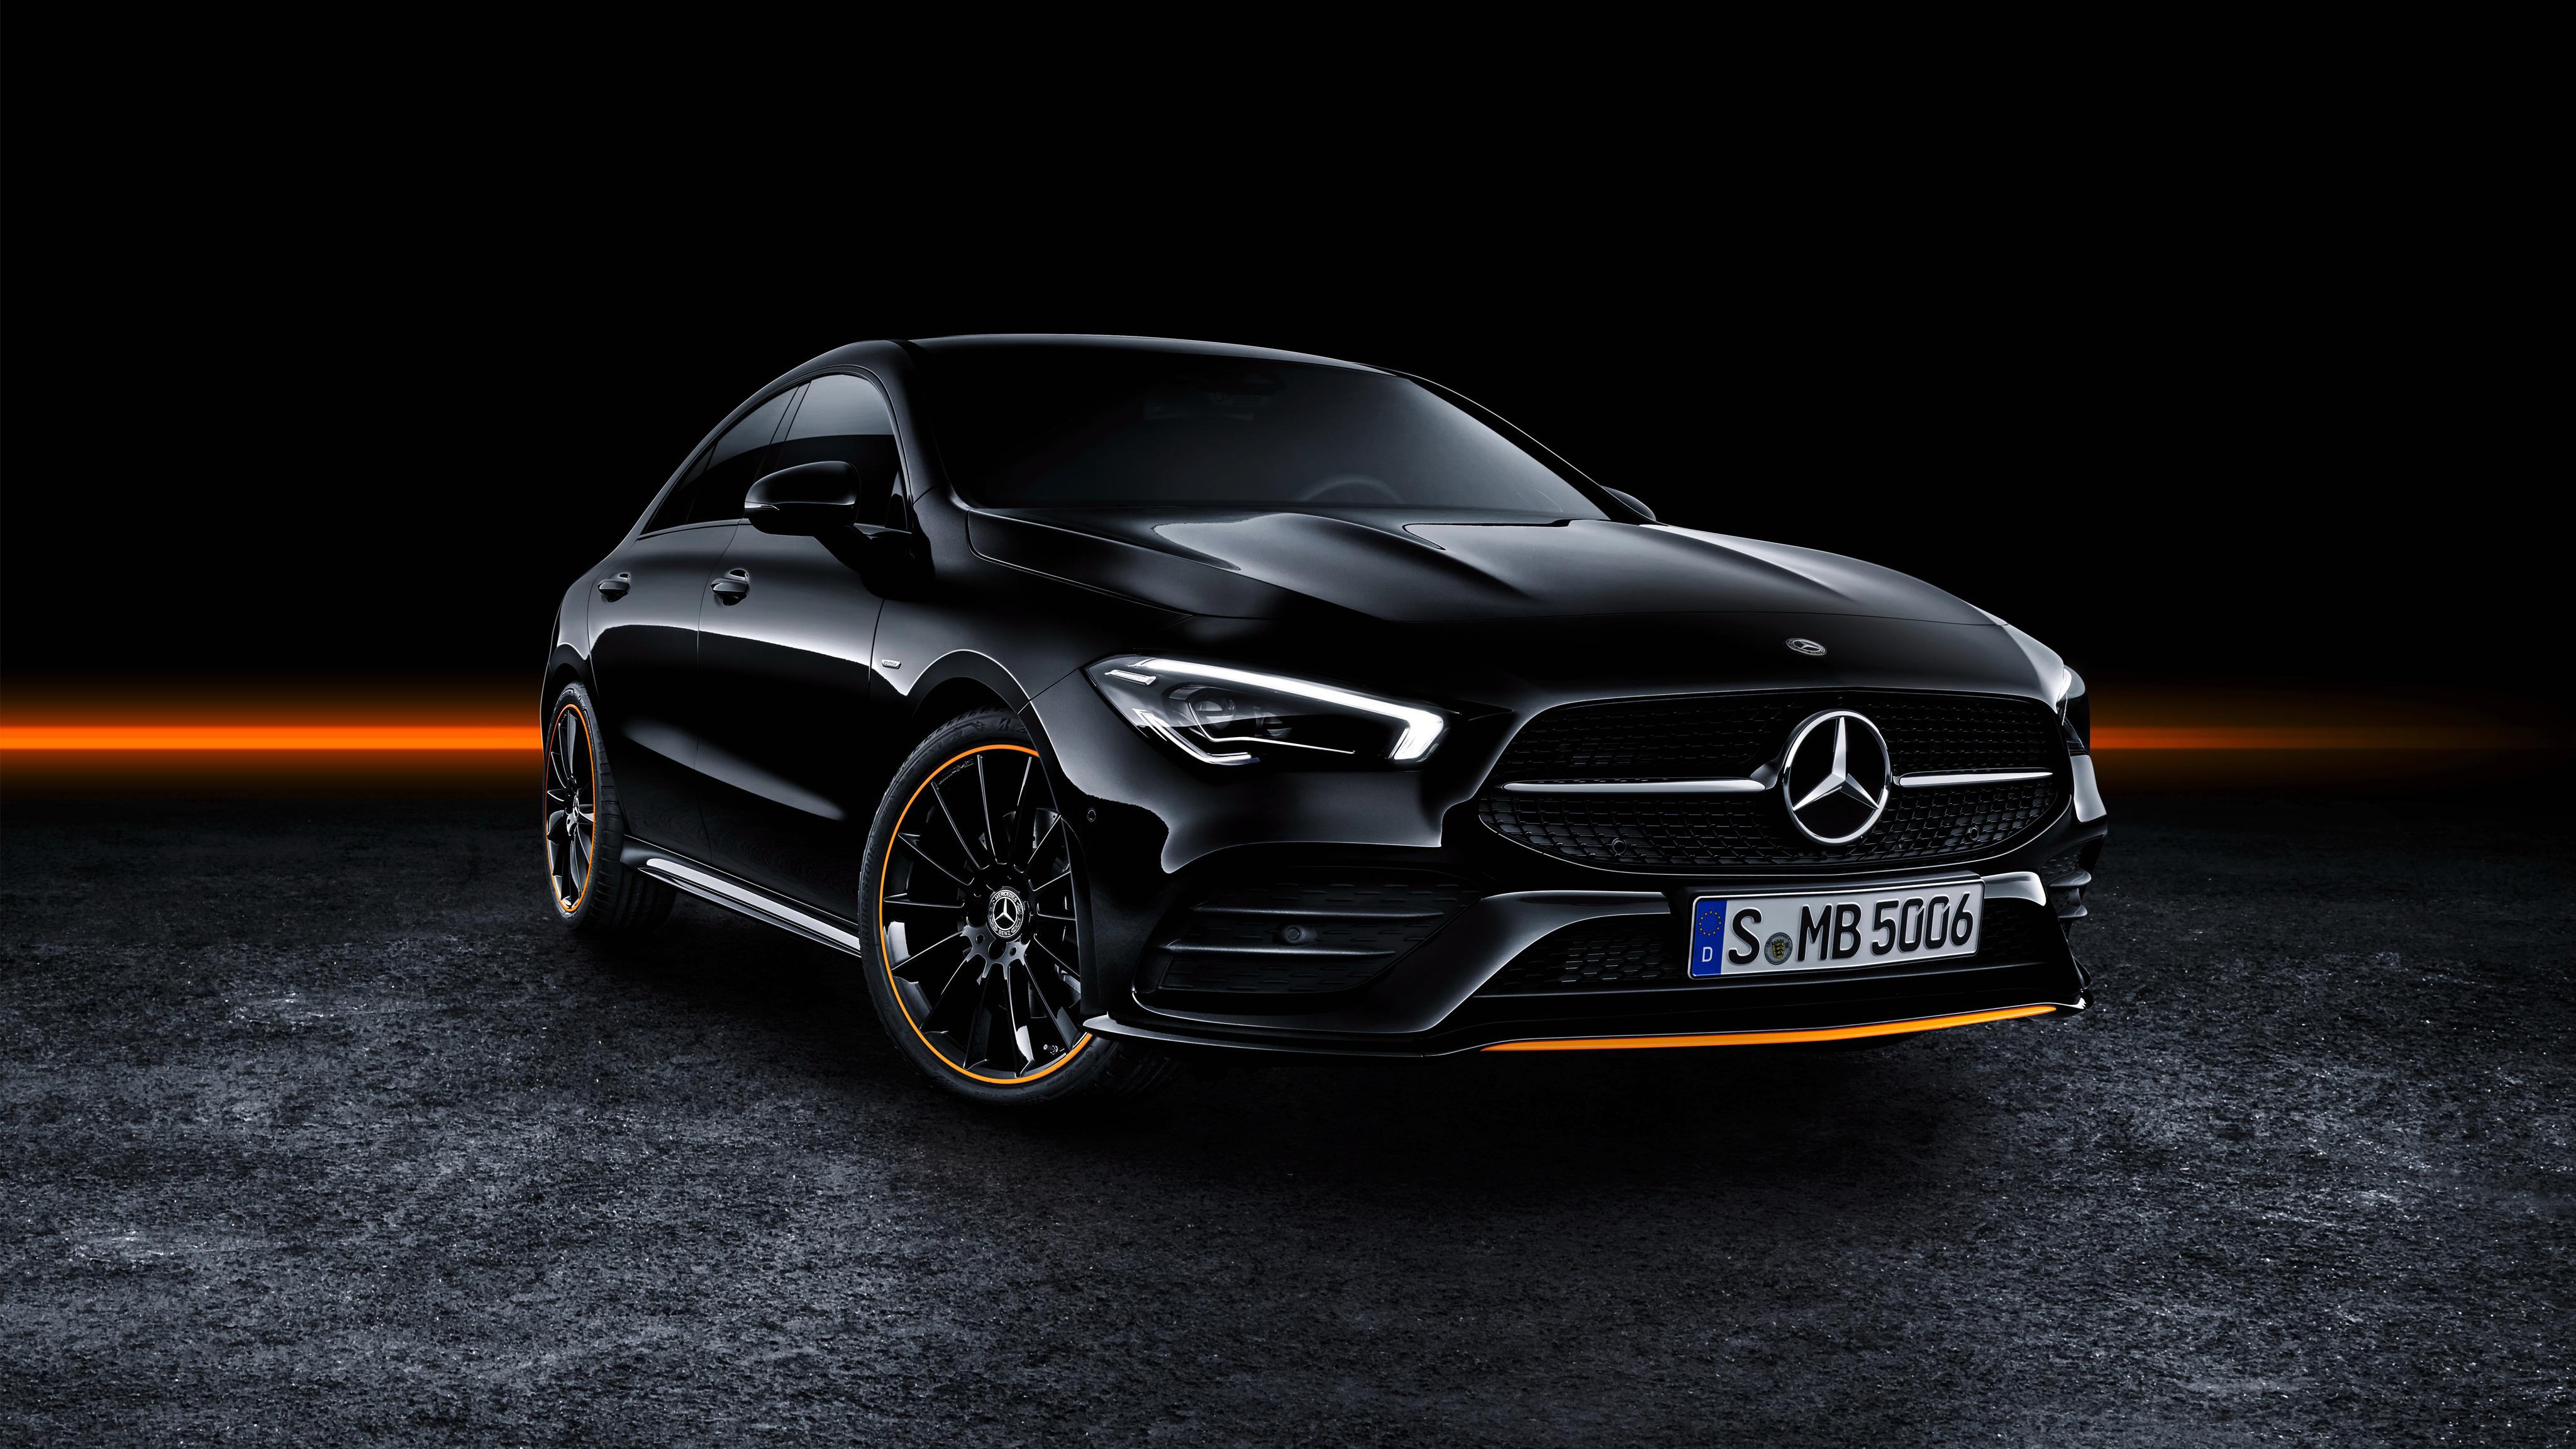 Mercedes Benz CLA Class 4k Ultra HD Wallpaper Background Image 4096x2304